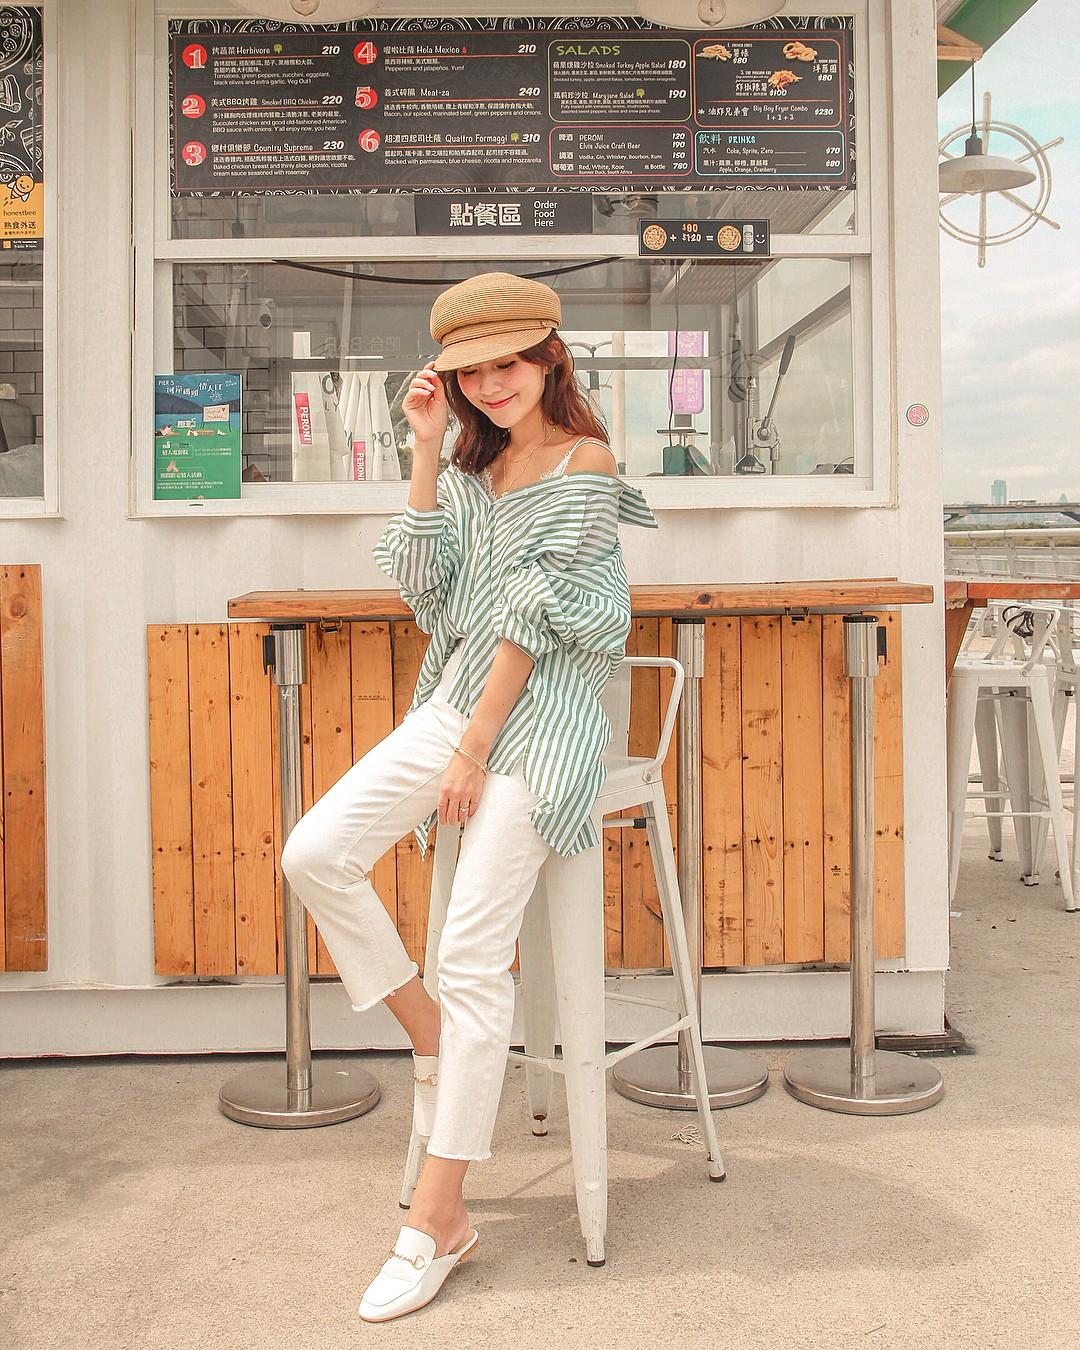 Diện quần jeans vào mùa hè: Sẽ rất đẹp mà không sợ nóng nếu bạn chọn 4 kiểu dáng này - Ảnh 5